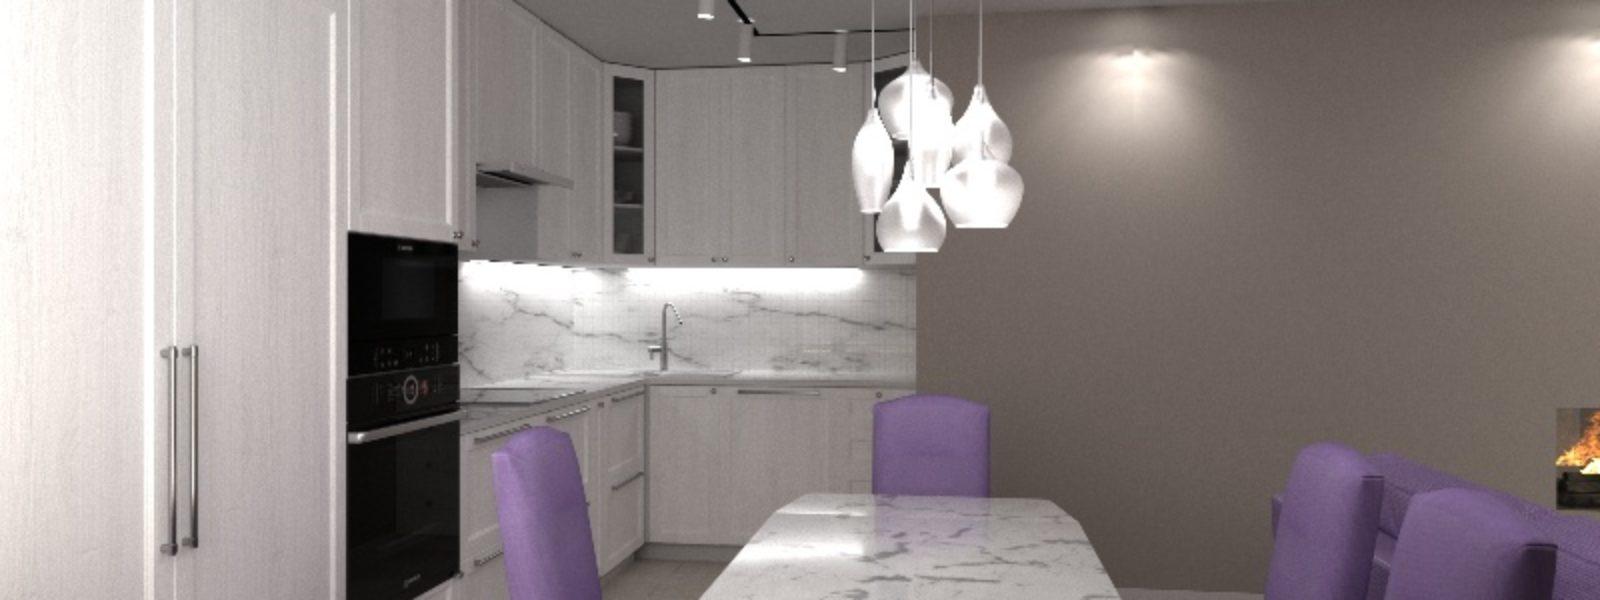 Дизайн проект трехкомнатной квартиры. Вид кухни из гостиной.